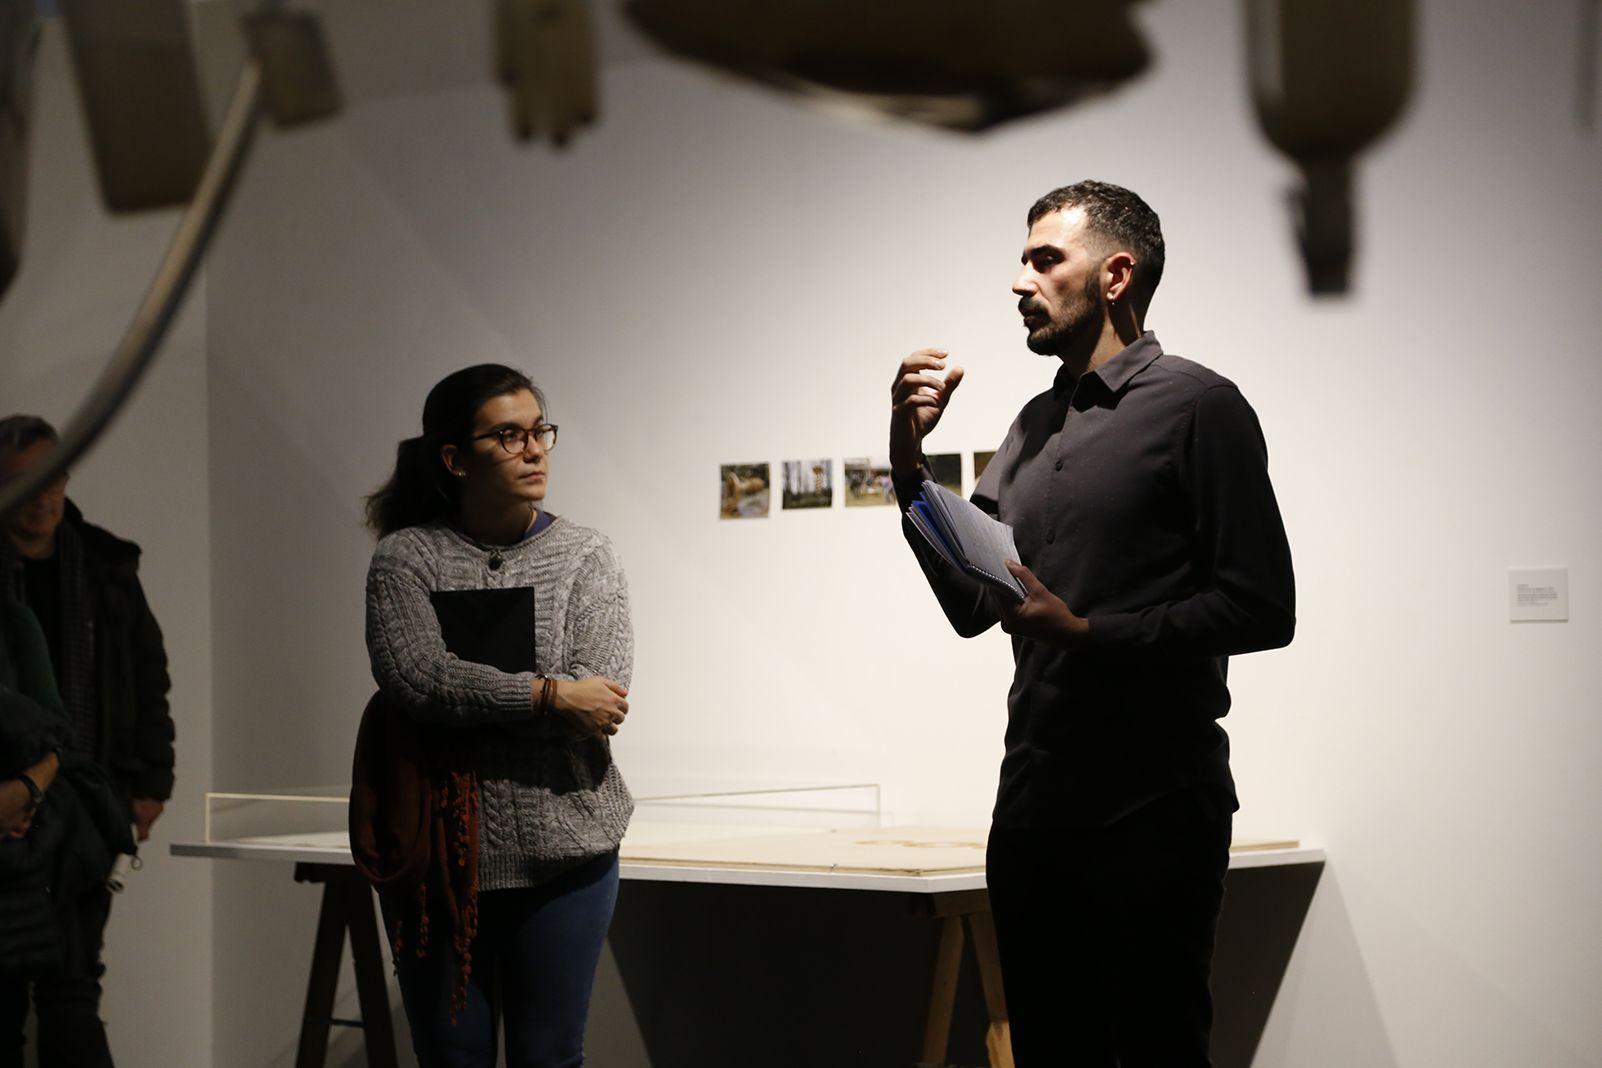 """Inaguració de l'exposició """"Polítiques del sòl"""" a cura de Christian Alonso. FOTO: Anna Bassa"""